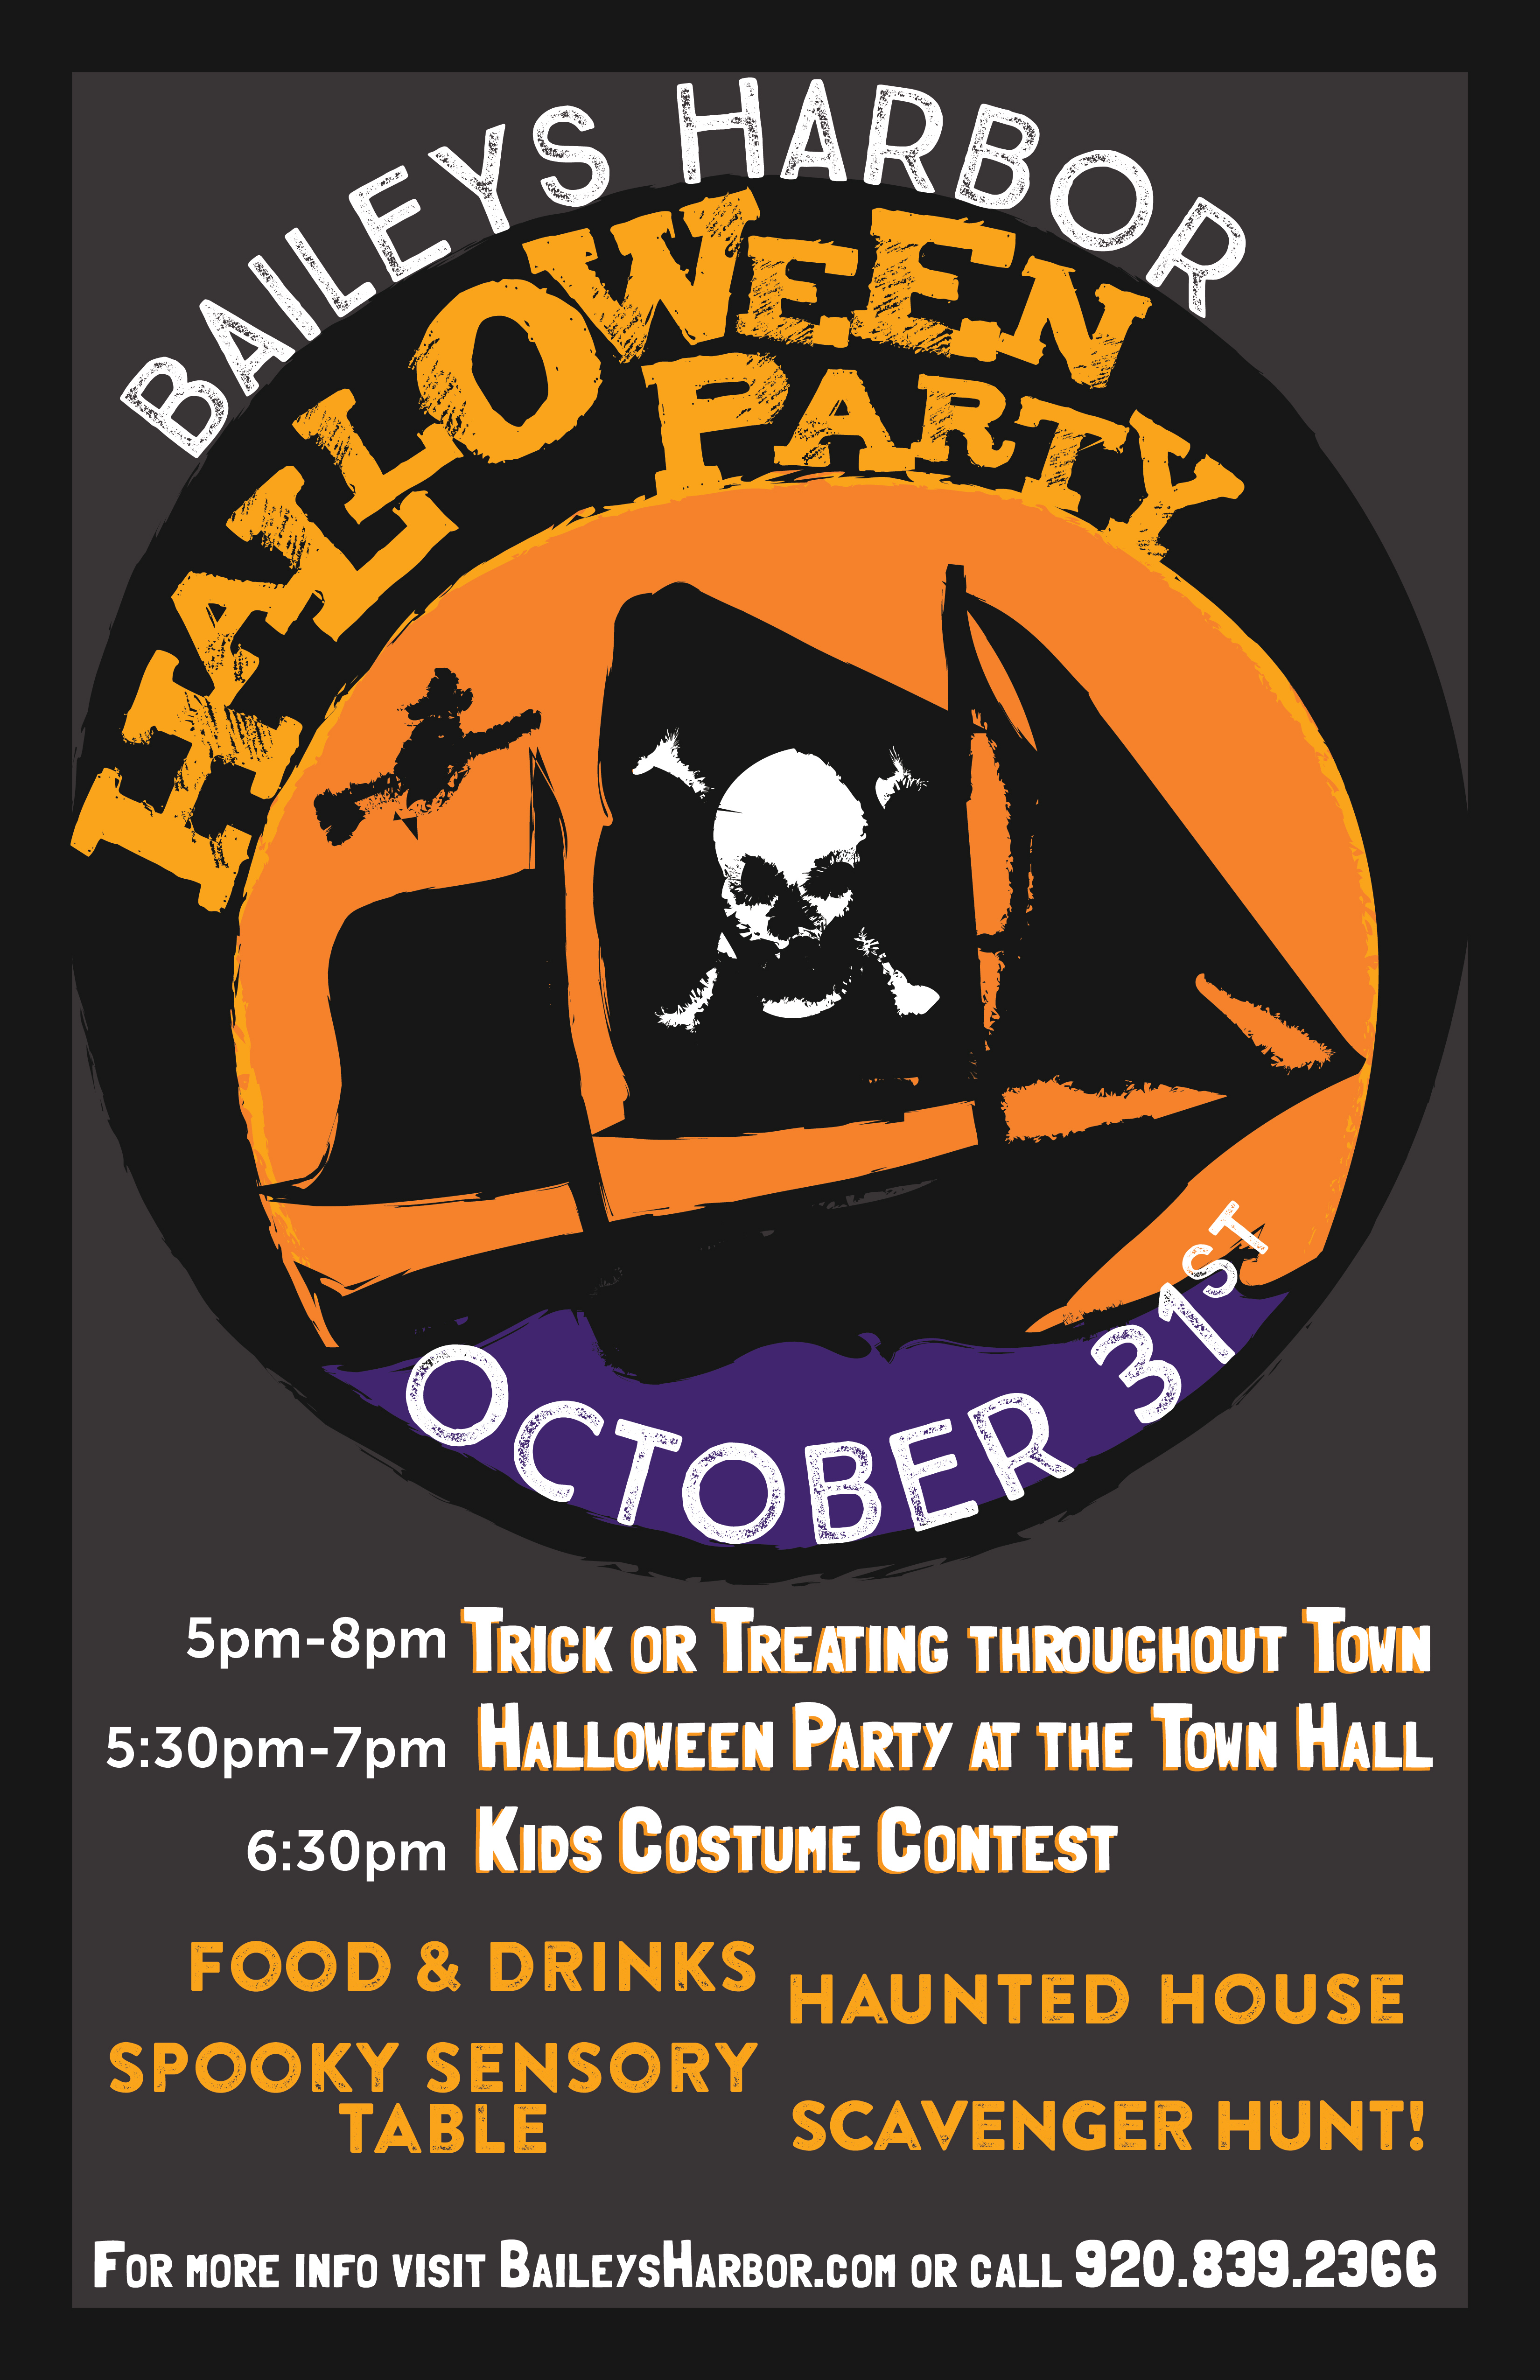 Halloween Party In Baileys Harbor Door County Lodging